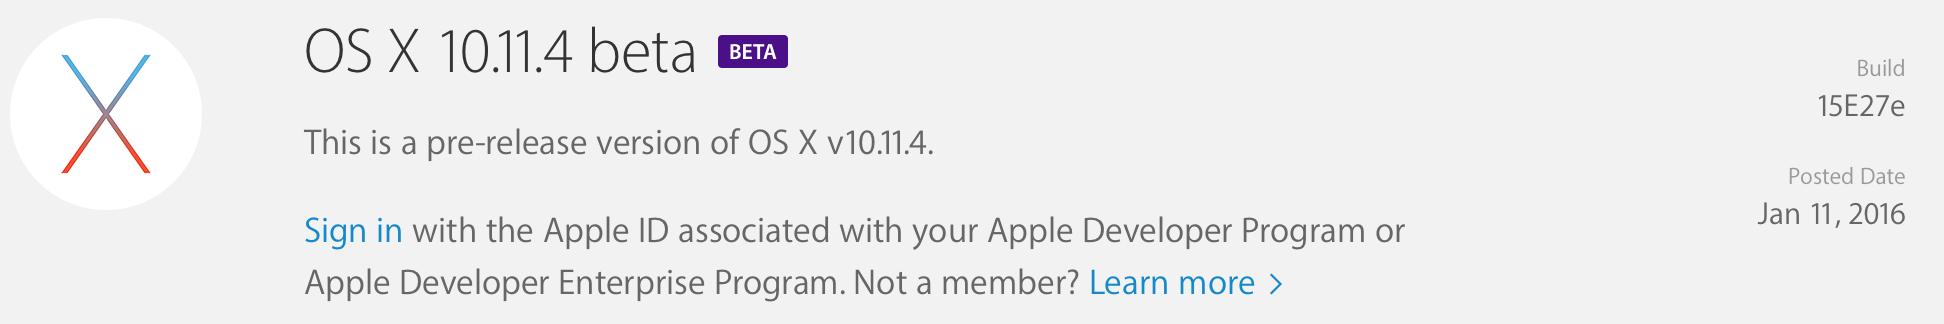 OS X Beta-Release-bildschirmfoto-2016-01-11-um-20.00.07.png